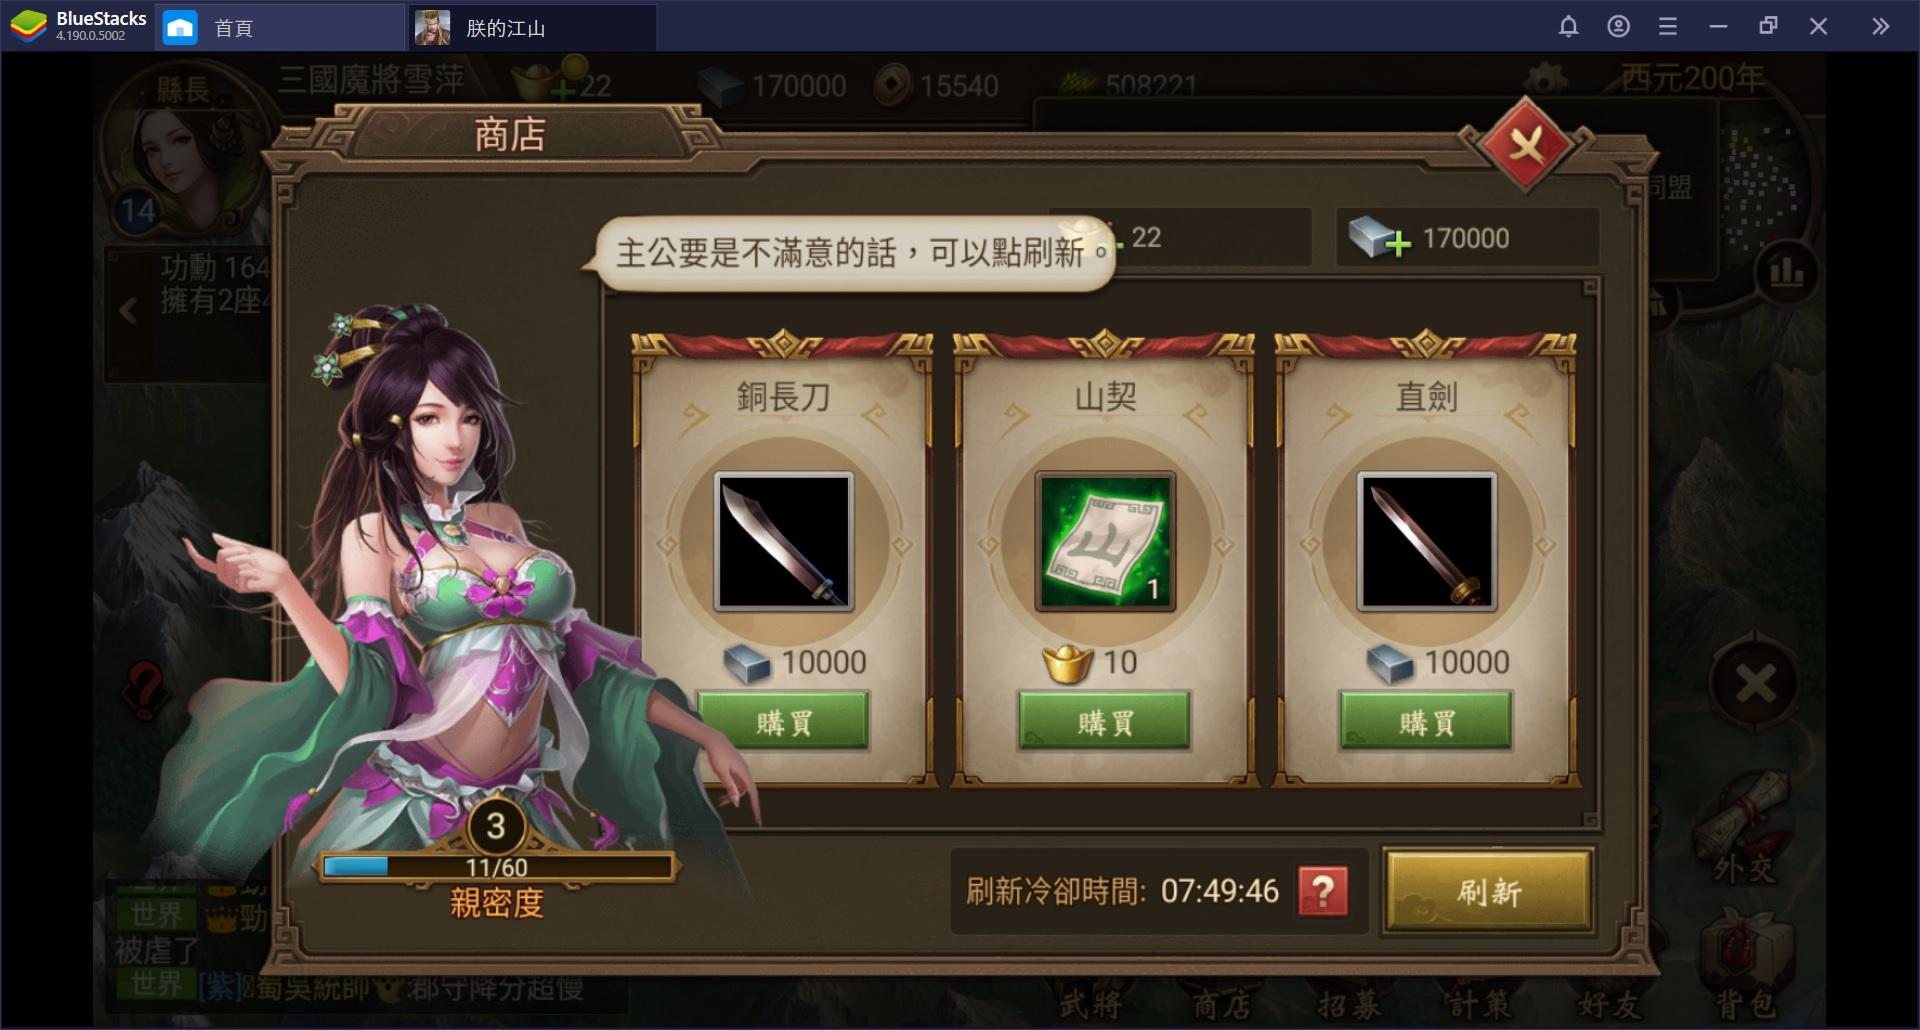 《朕的江山》:新手必知的遊戲功能與遊玩技巧